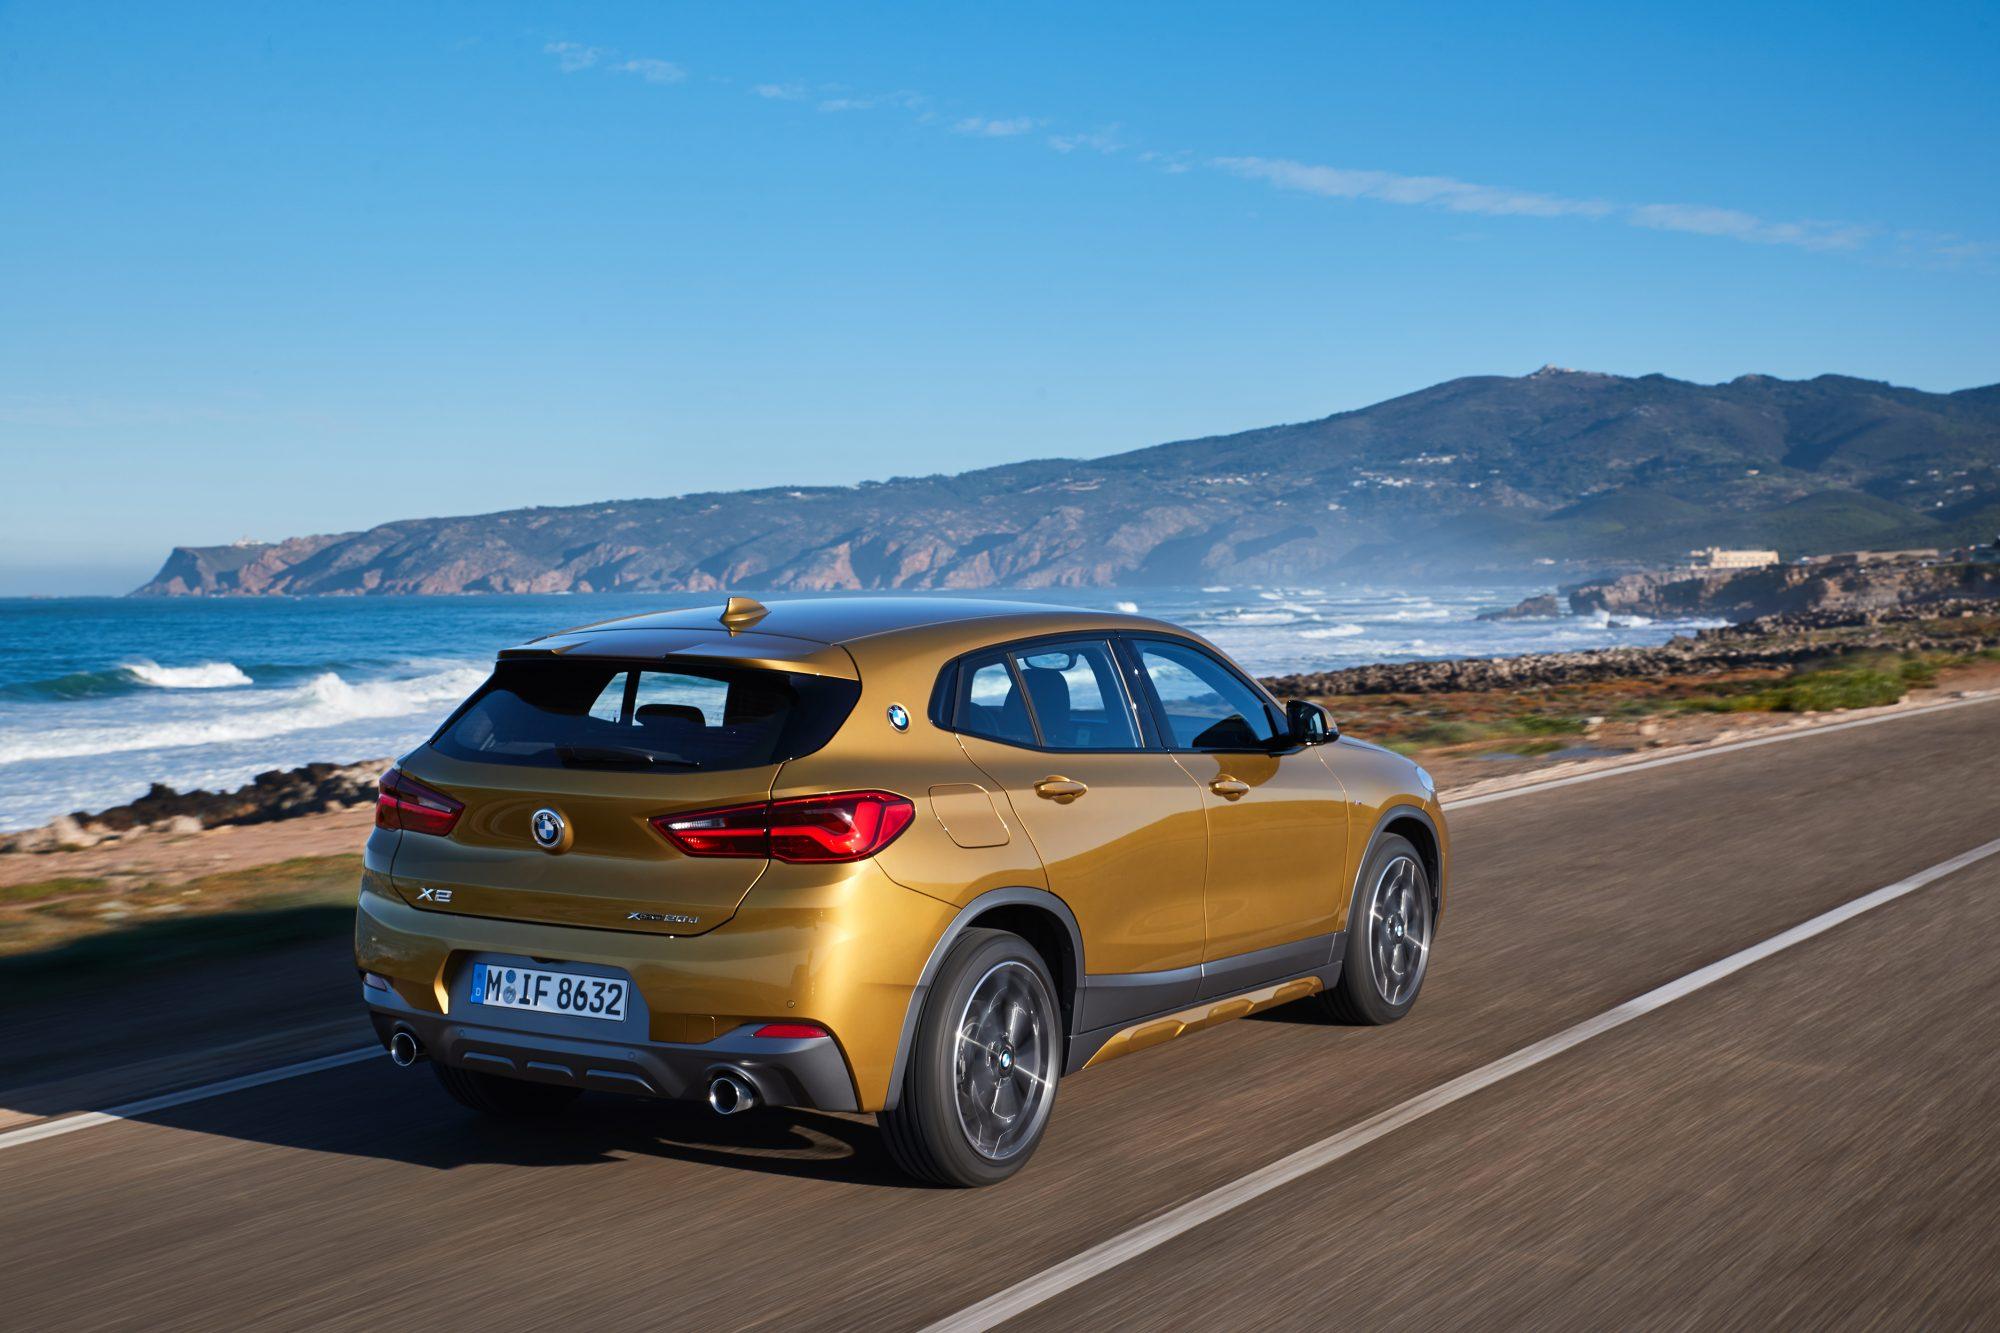 BMW X2 Lisboa 2018